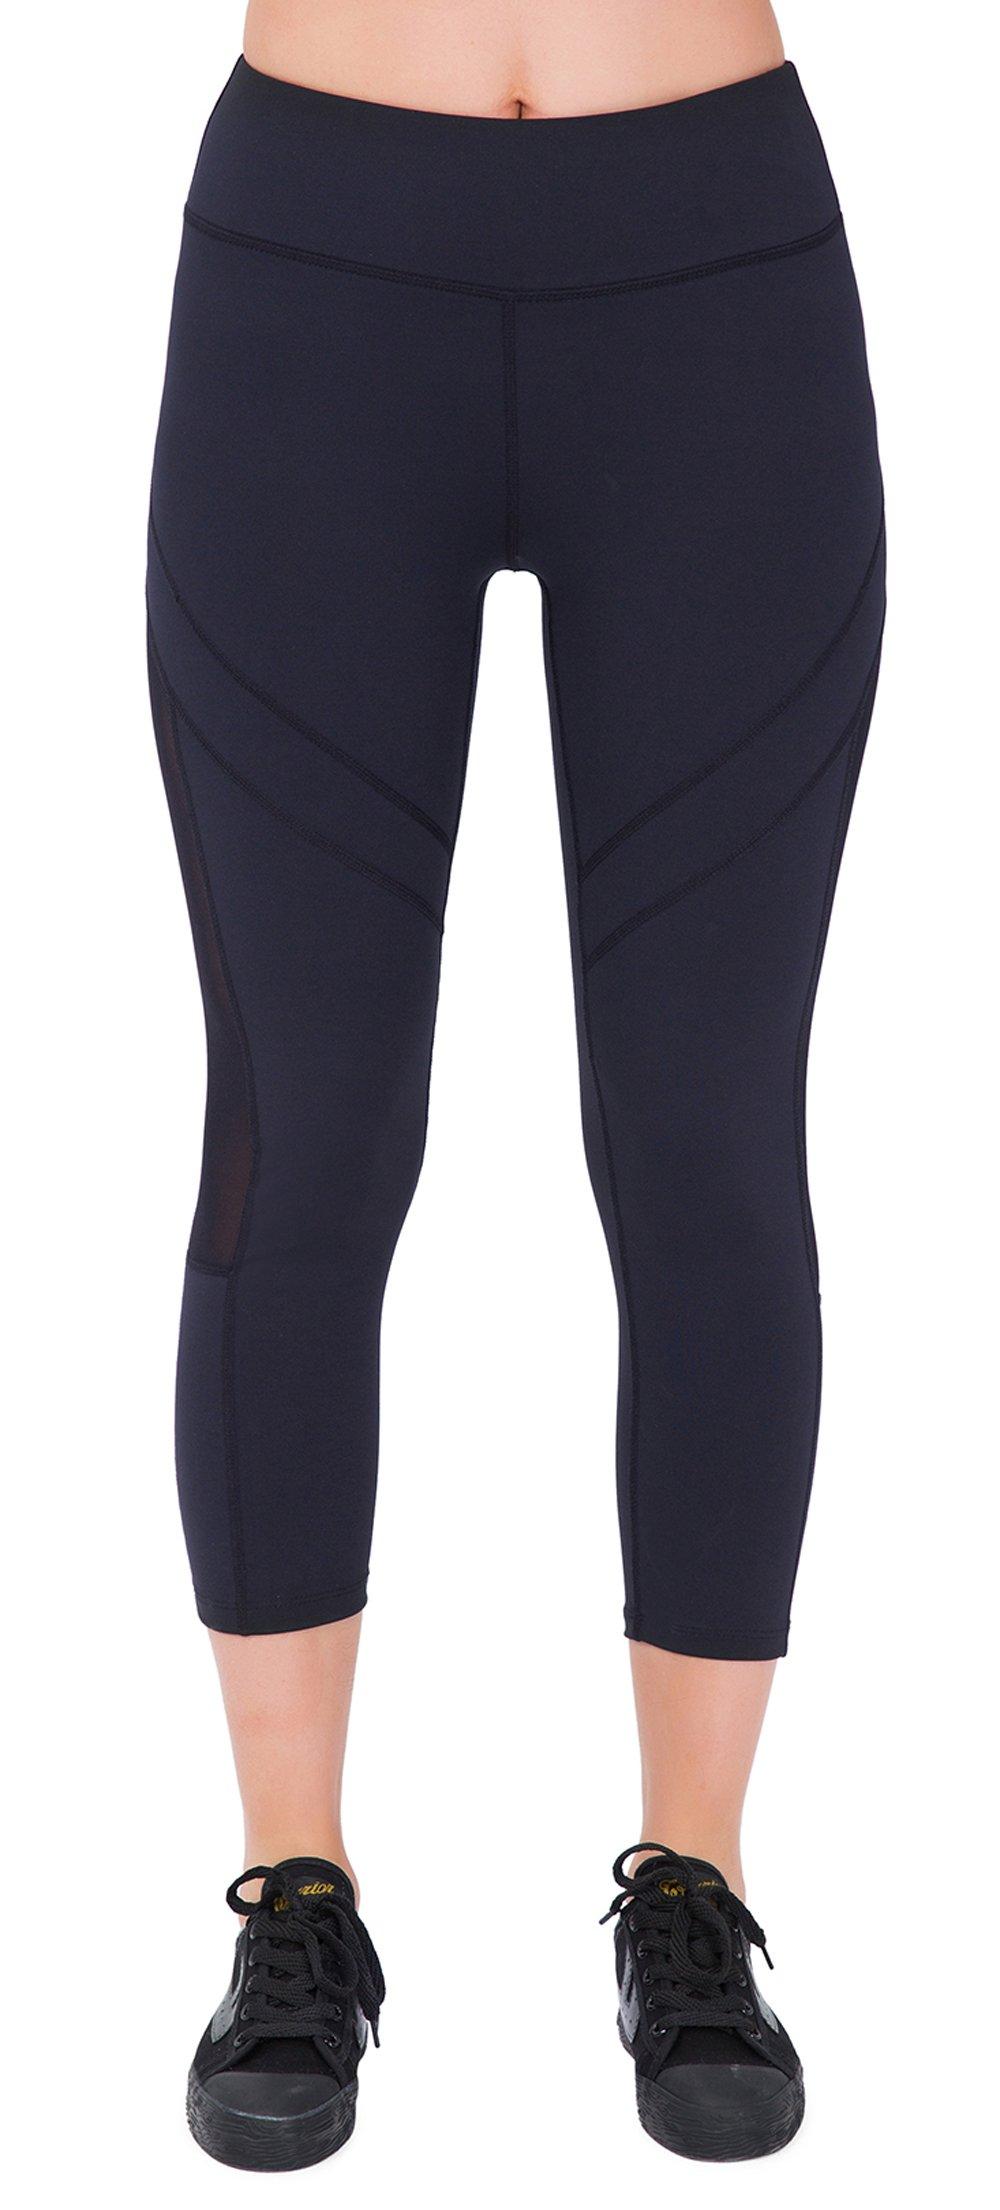 SPECIALMAGIC Women's Mid Waist Side Mesh Dry Fit Workout Capri Leggings with Inner Pocket Black White L